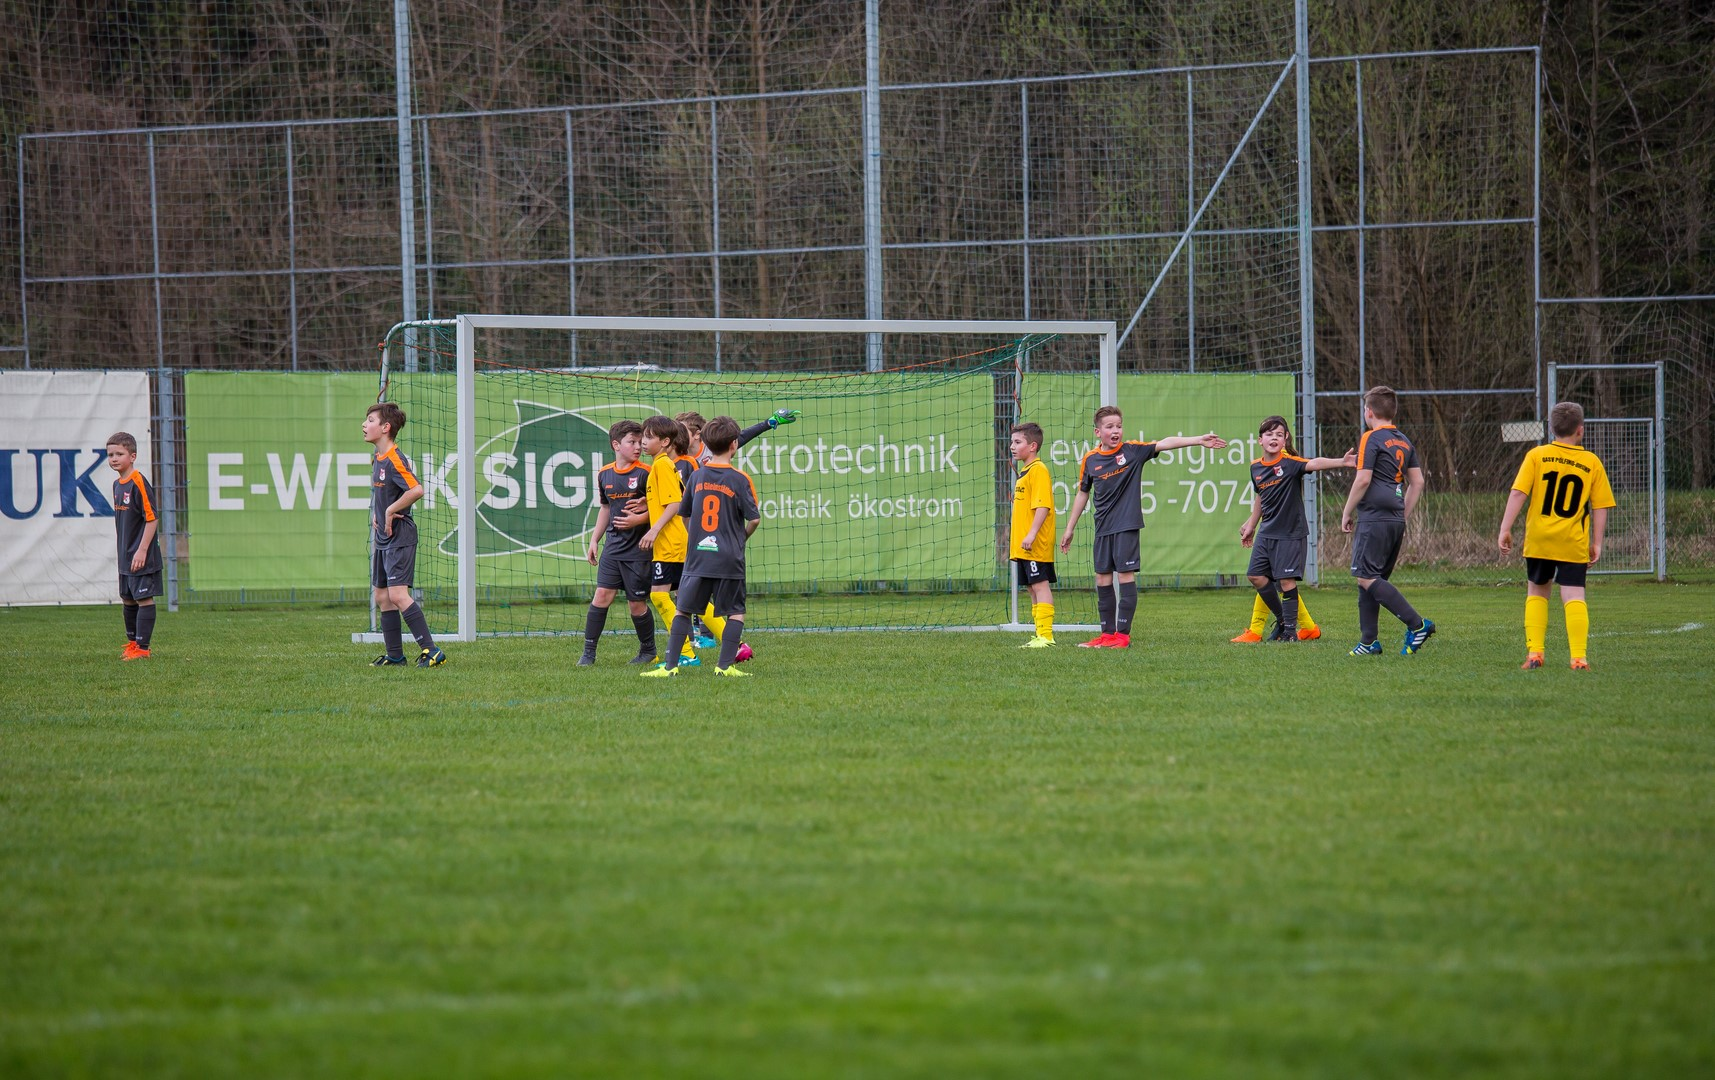 fussball-0517-Kopie